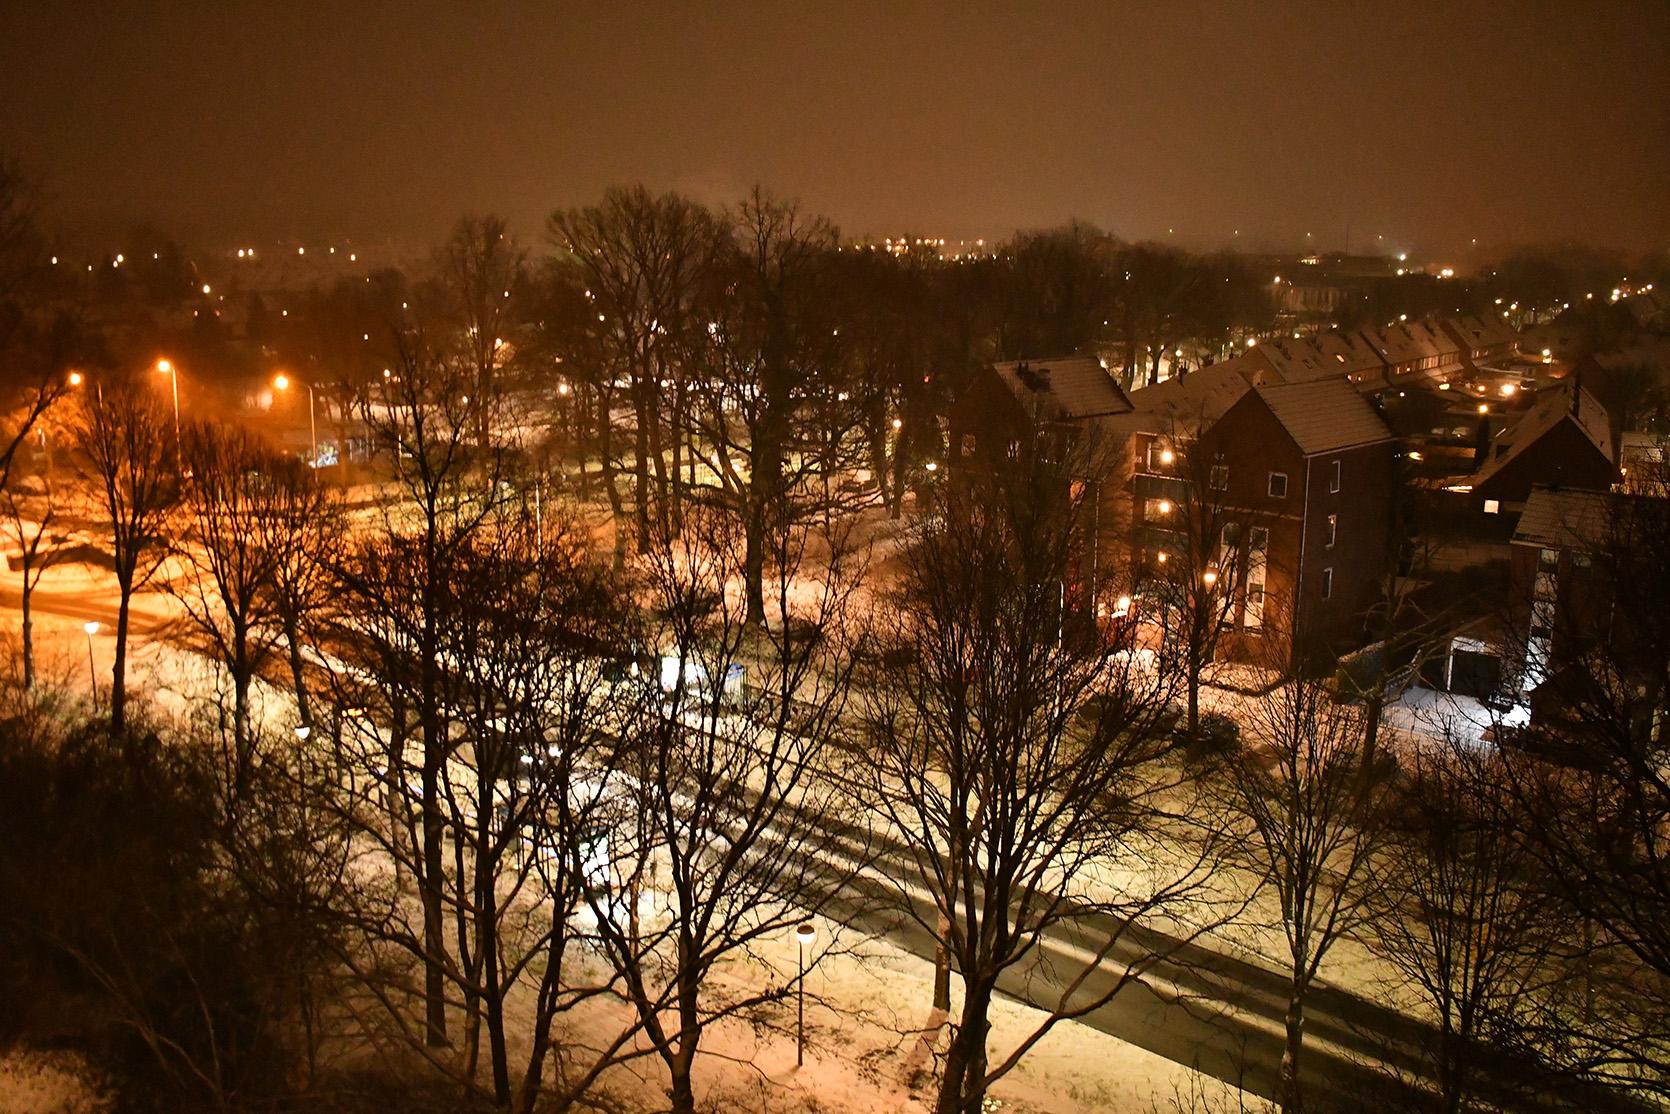 Vanaf het balkon de Jan Th. Tooroplaan in de sneeuw - Foto: ©Louis Fraanje